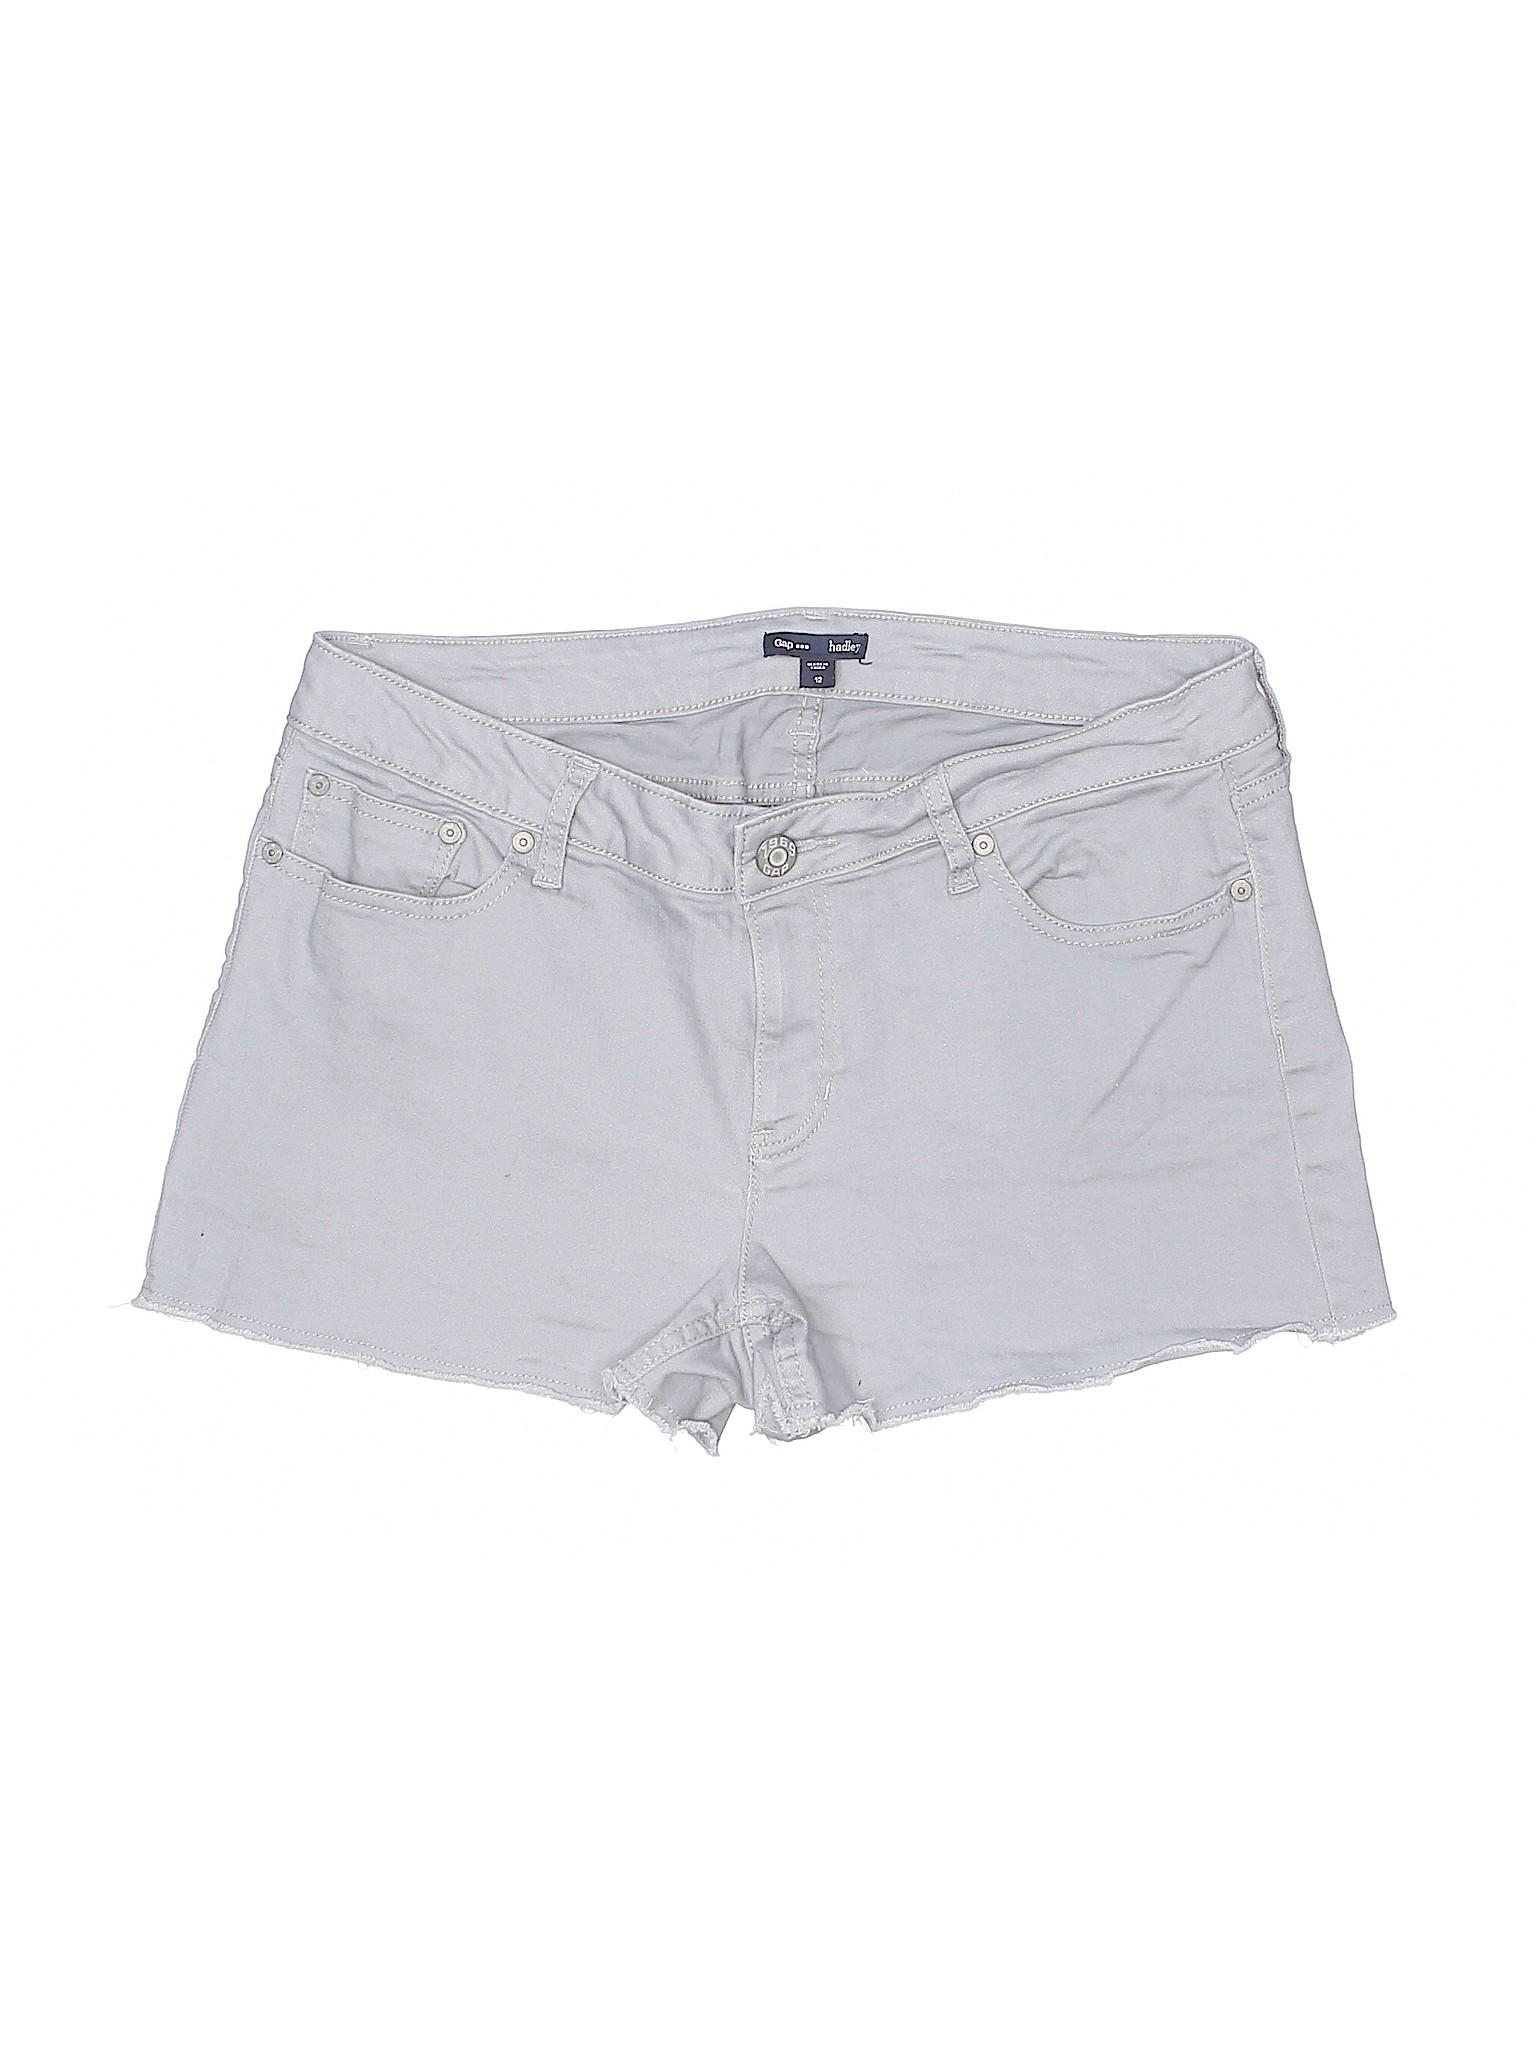 Boutique Boutique leisure Gap Gap leisure Shorts Denim 1Fqzxpw